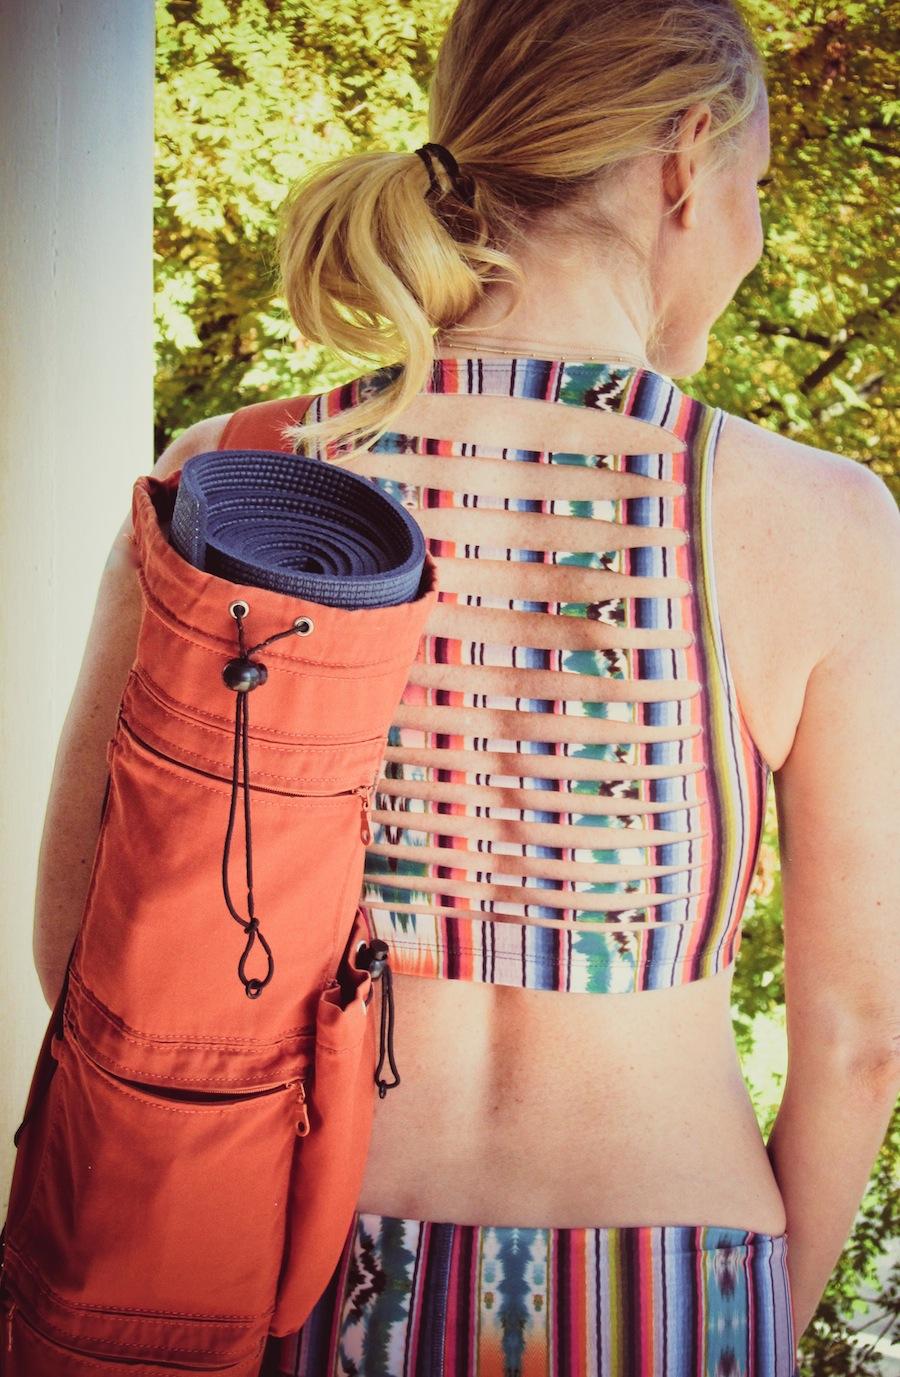 Uintah-Clothing-Yoga-Apparel-Salt-Lake-Local-Business-18